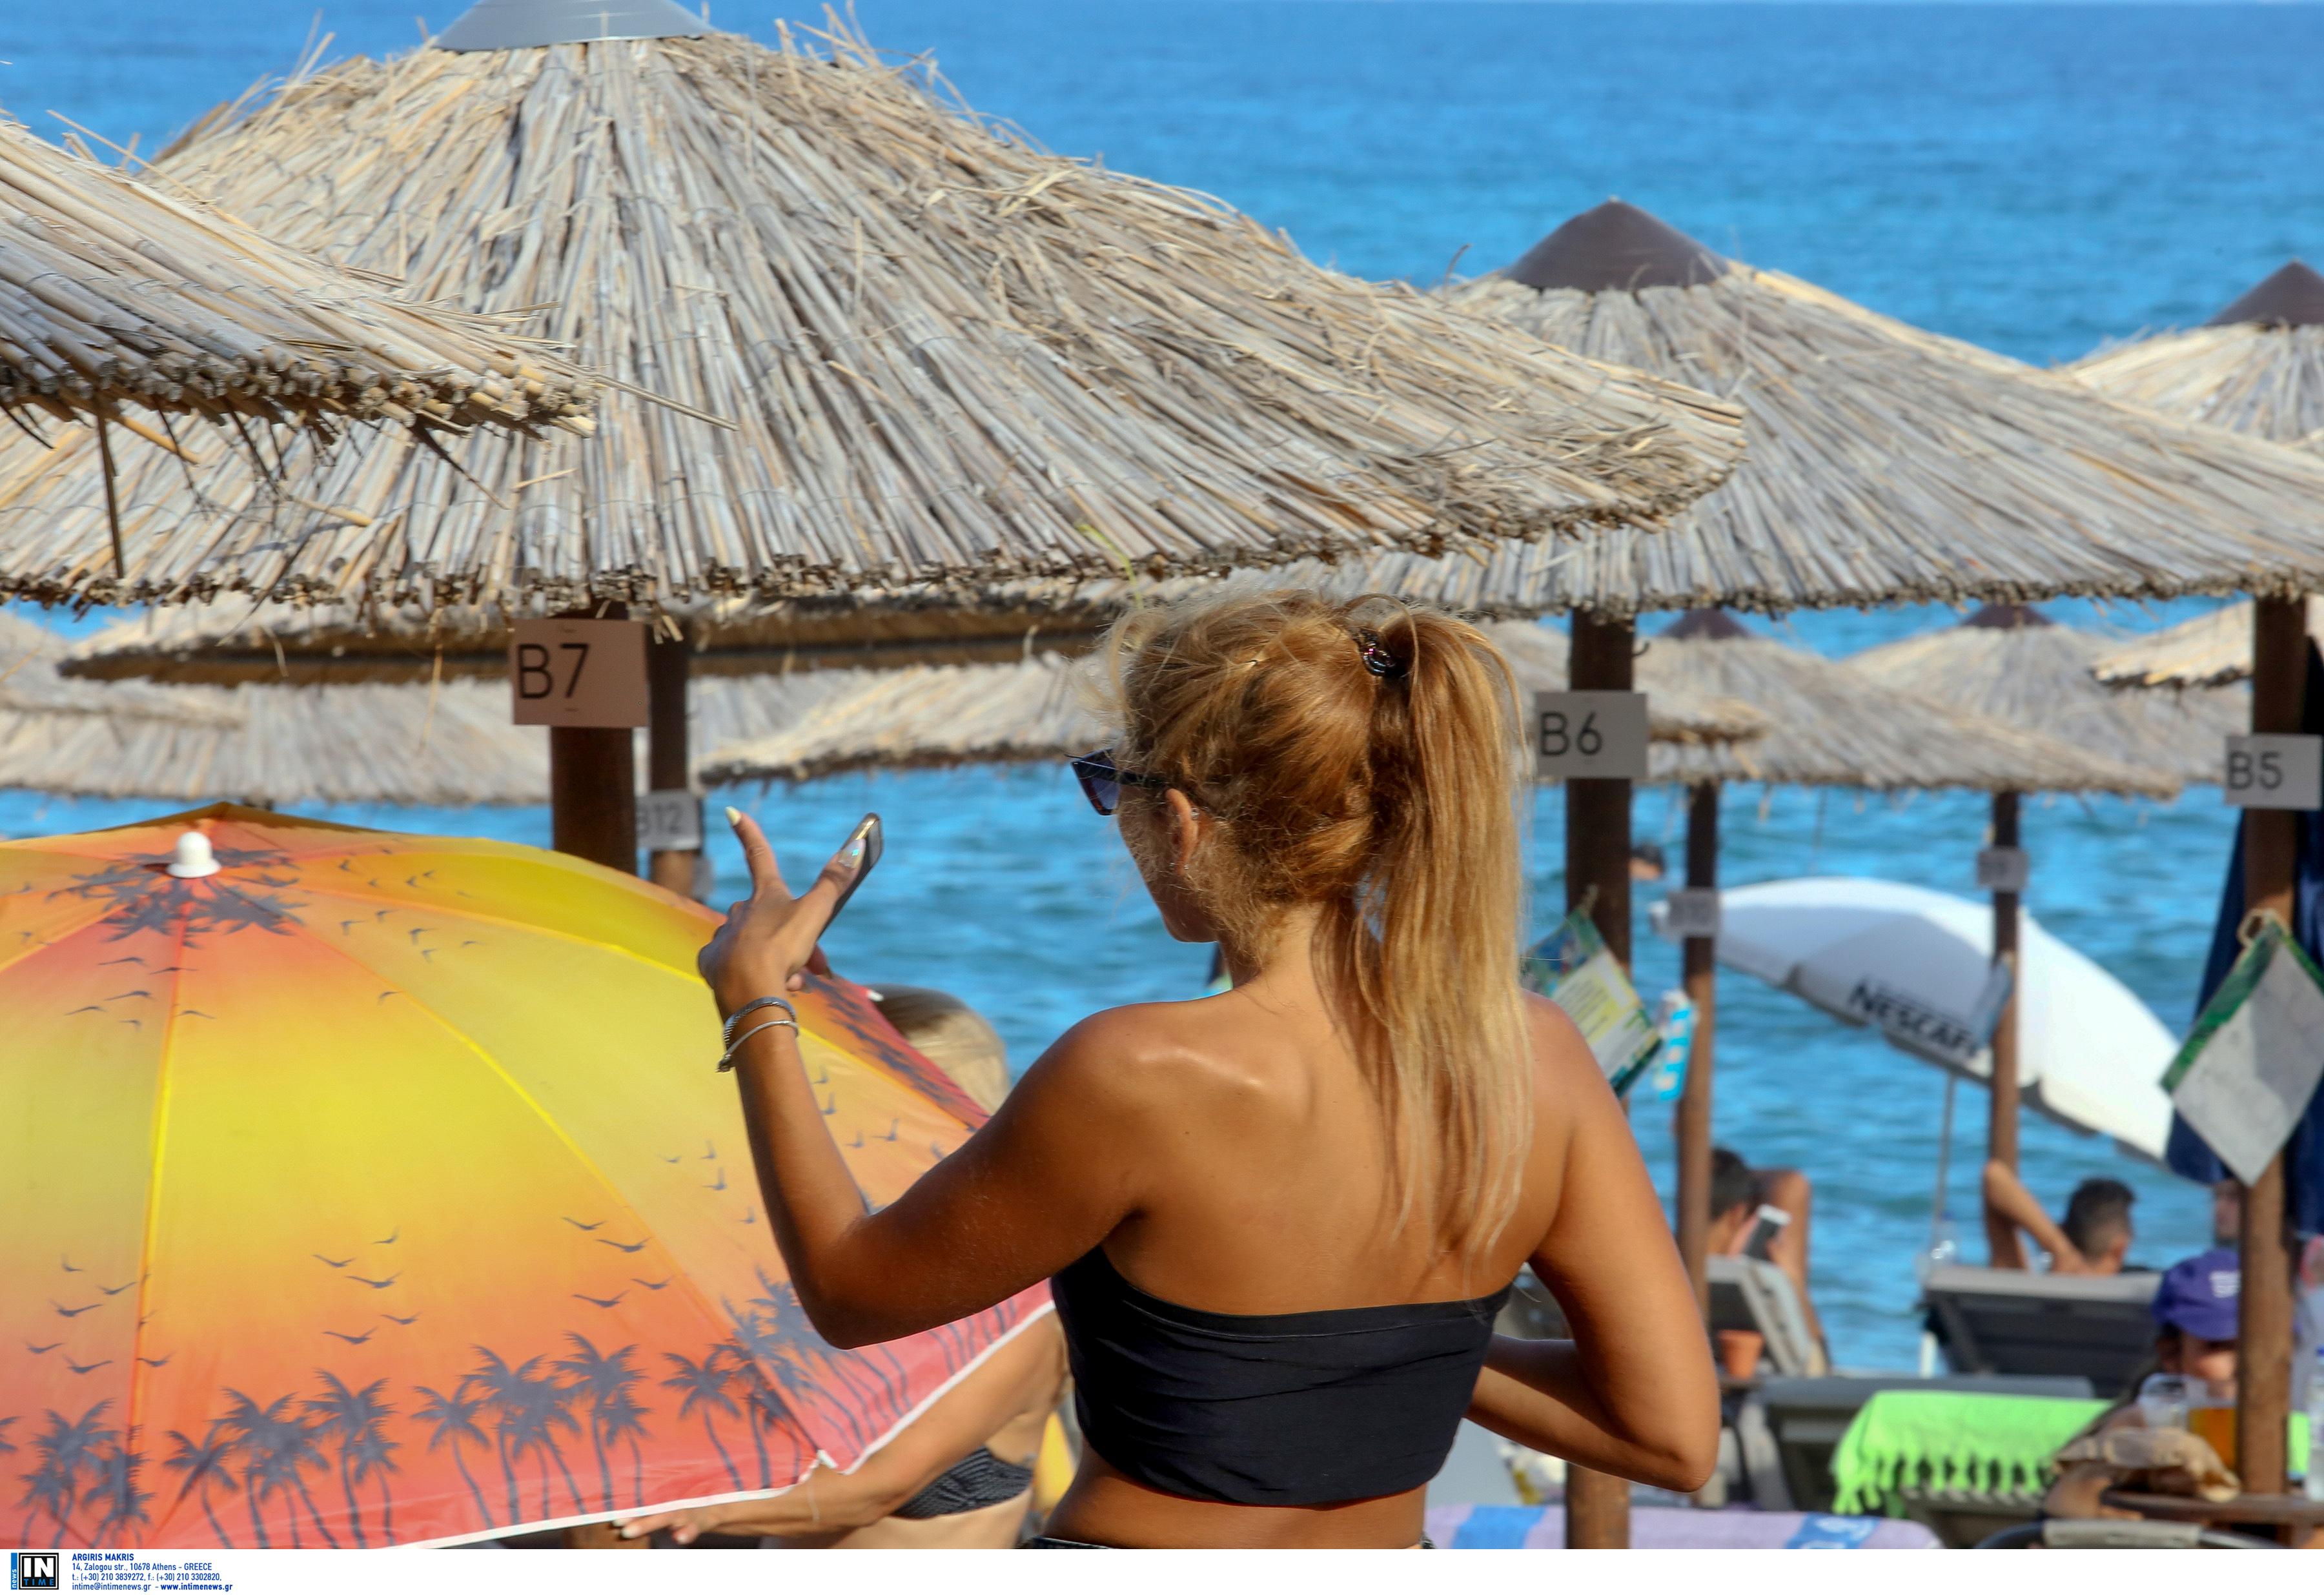 Πελοπόννησος: Ο απόλυτος τουριστικός προορισμός – Έκκληση σε επιχειρηματίες για νέες επενδύσεις!